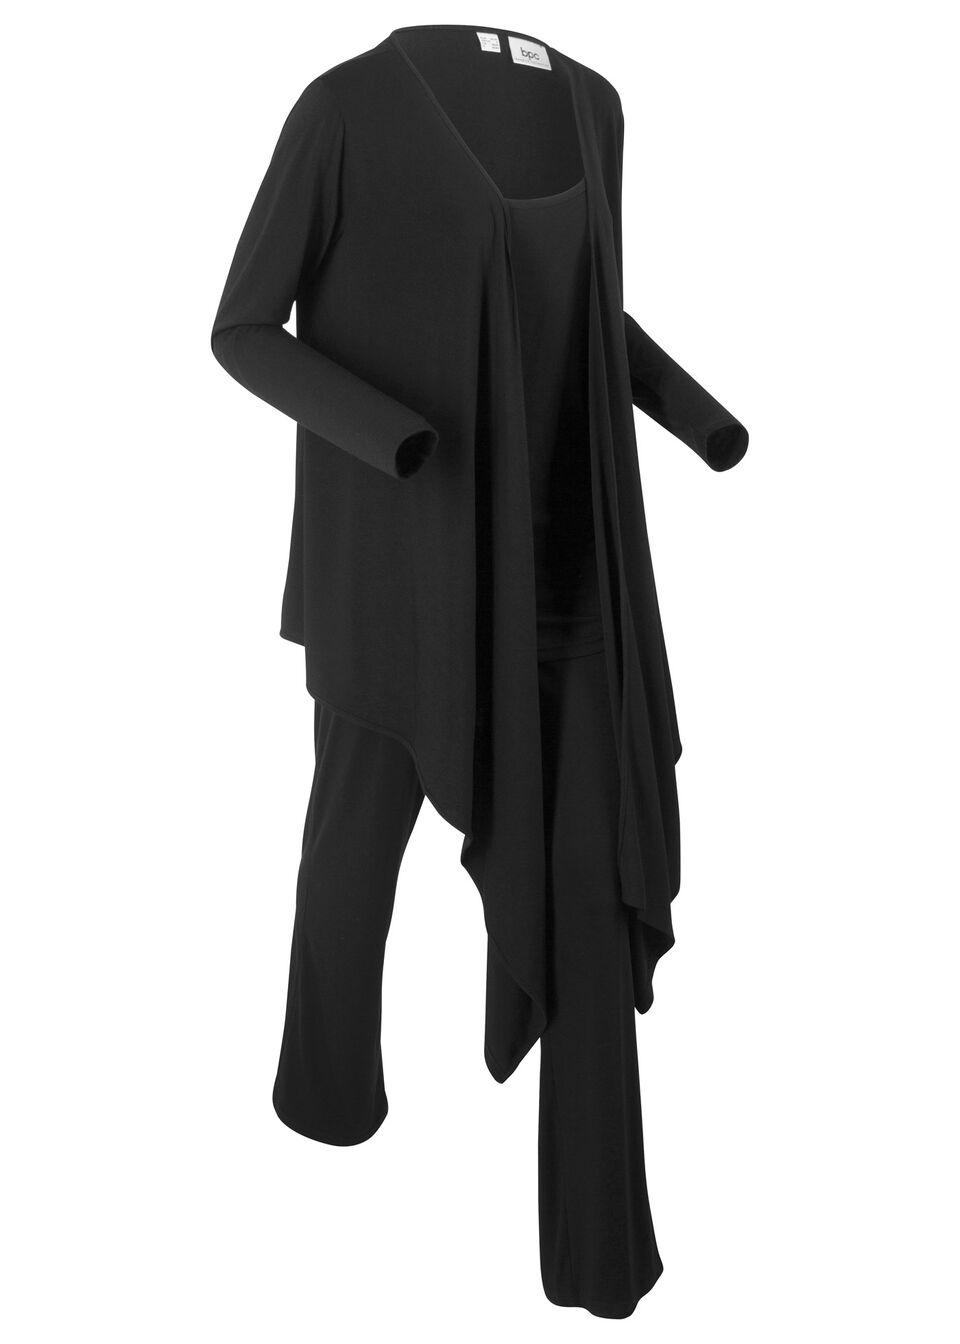 Брюки + топ + куртка для велнеса (3 изд.) + мешок для хранения от bonprix